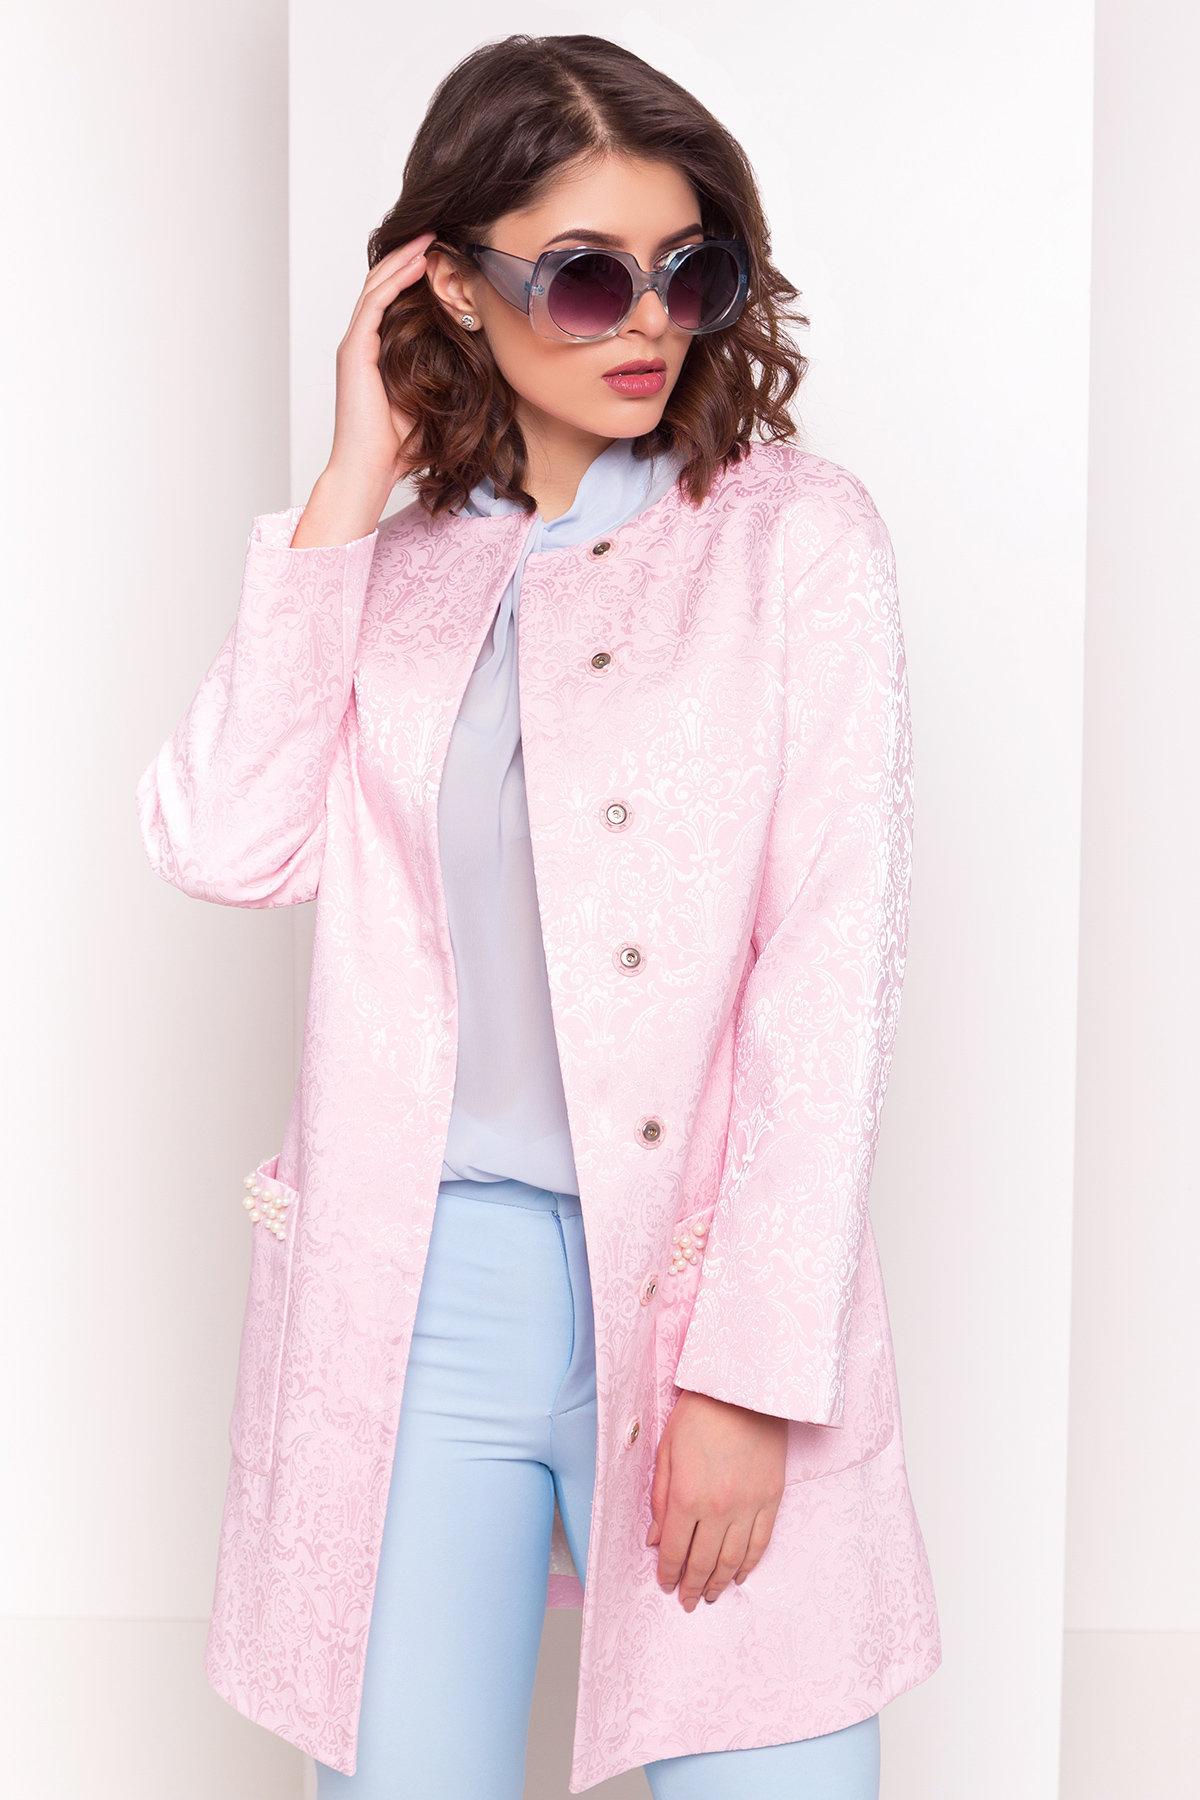 Укороченный плащ Делия 4675 АРТ. 34105 Цвет: Розовый - фото 3, интернет магазин tm-modus.ru